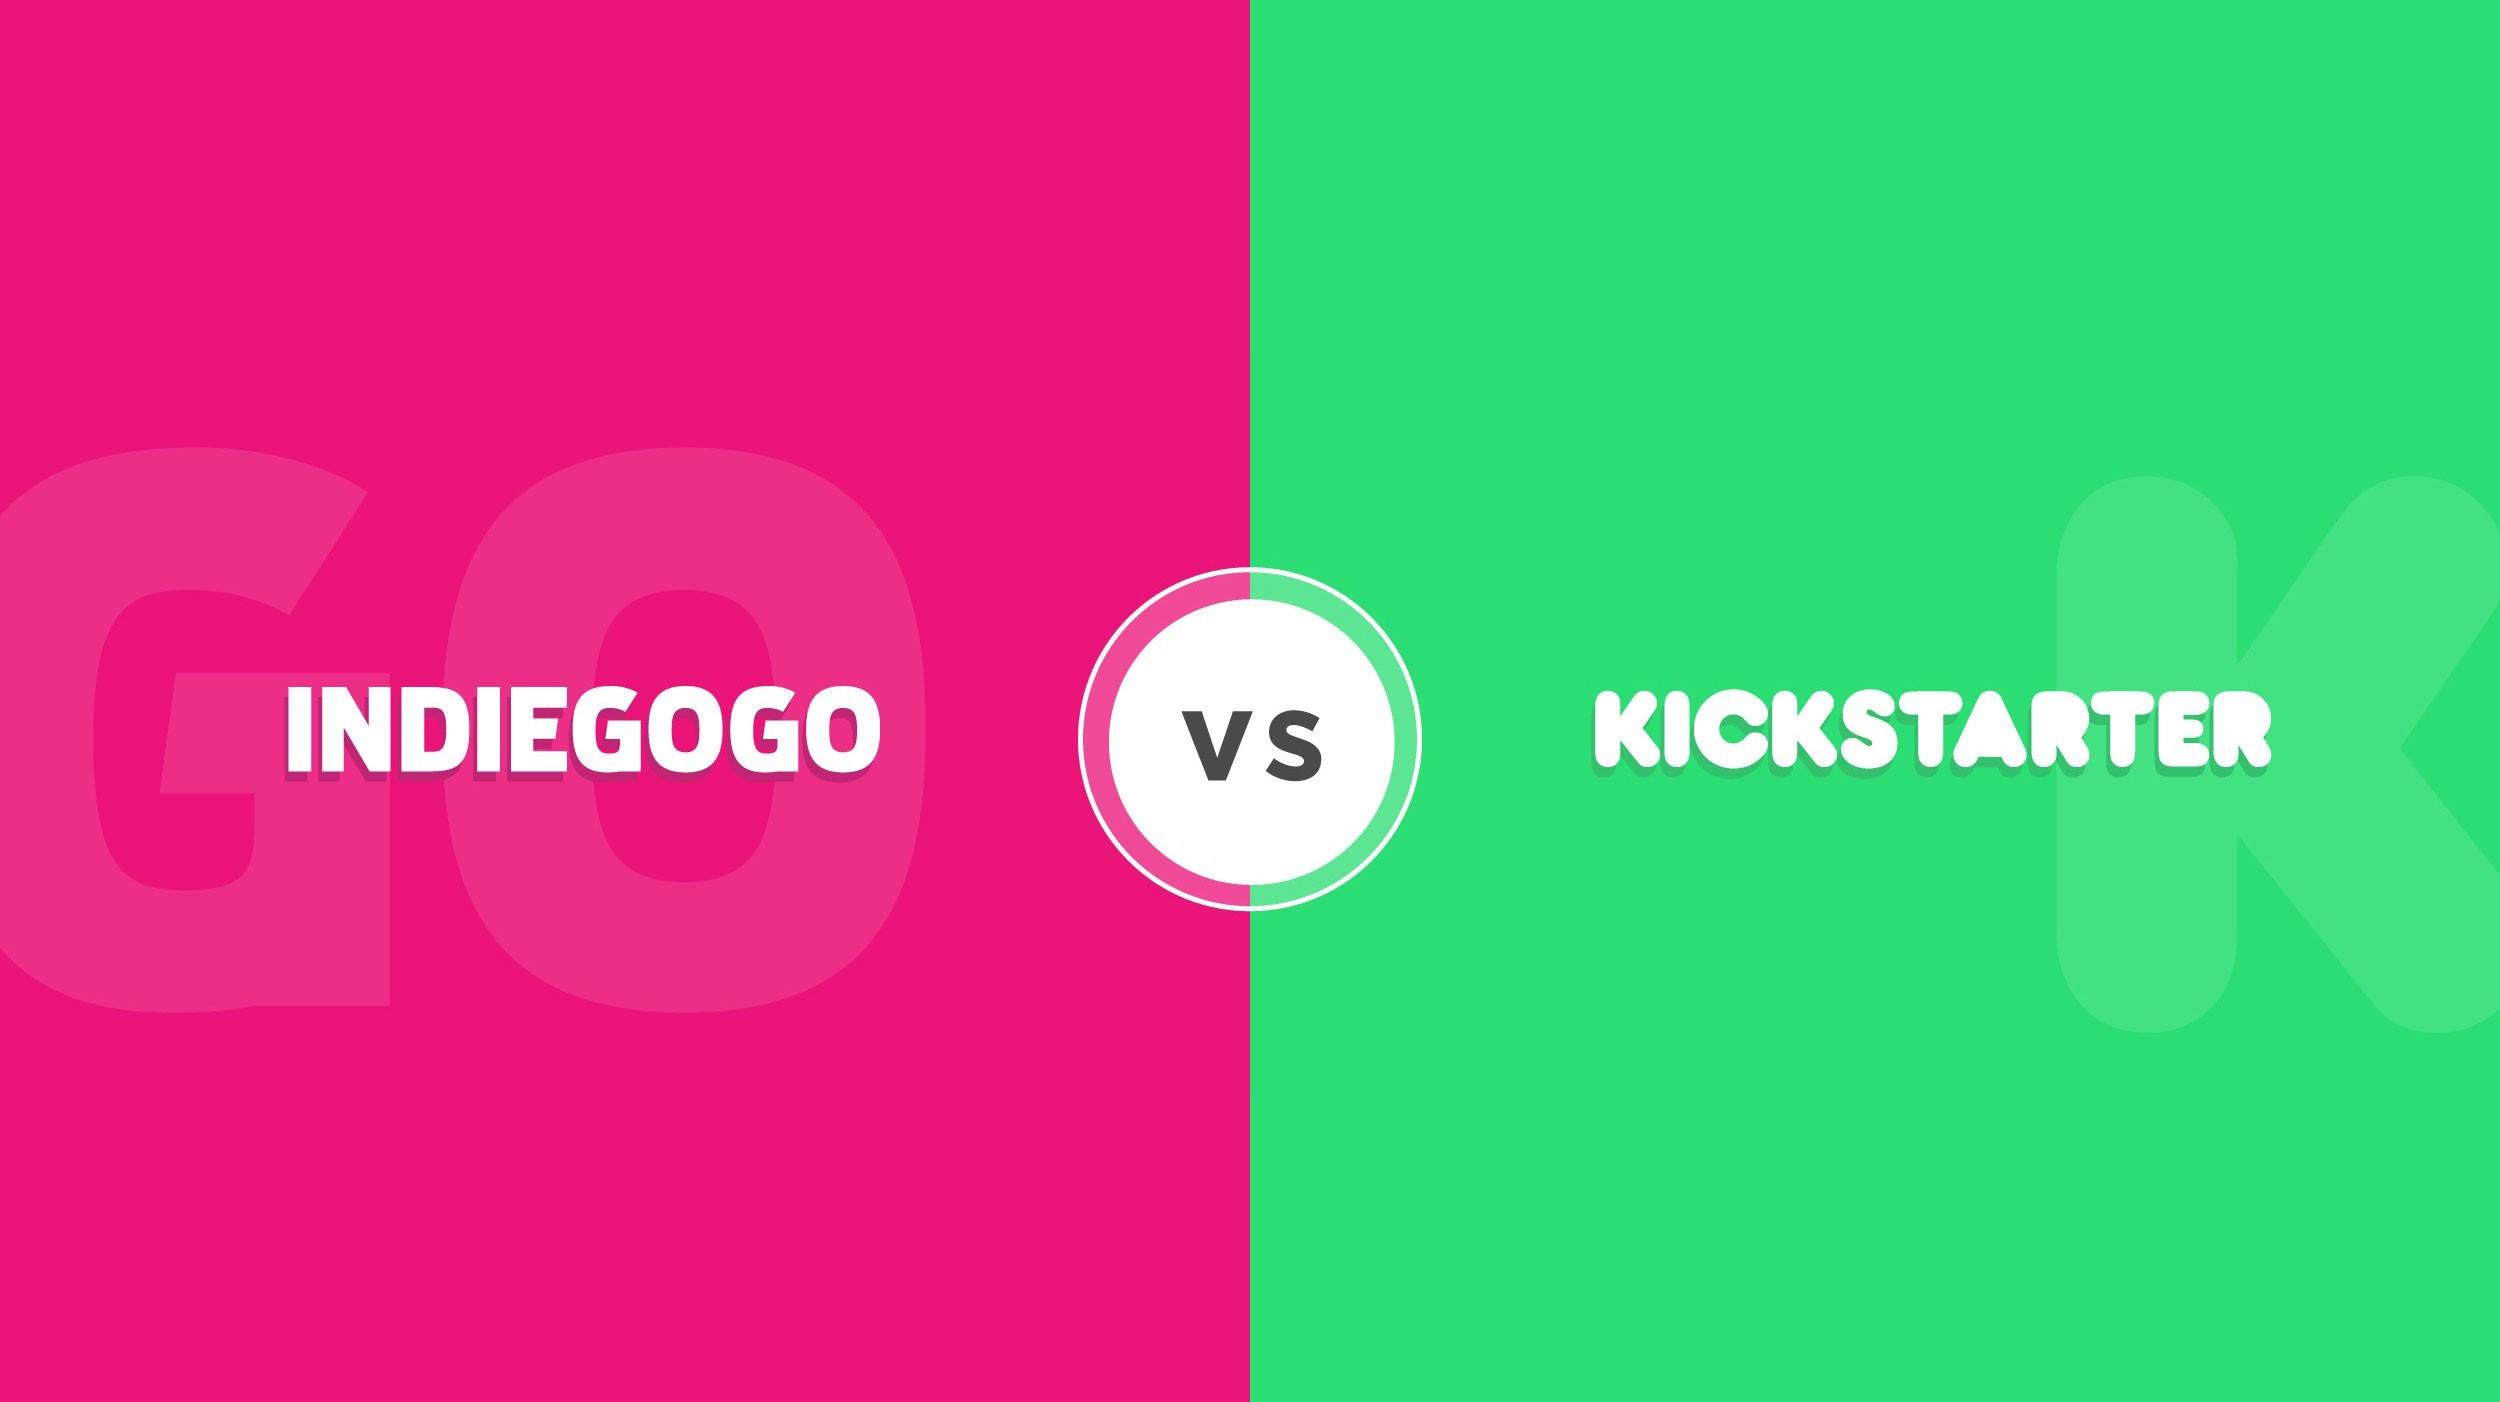 海外众筹 | 上众筹,Kickstarter VS Indiegogo,选哪个看这里告诉你